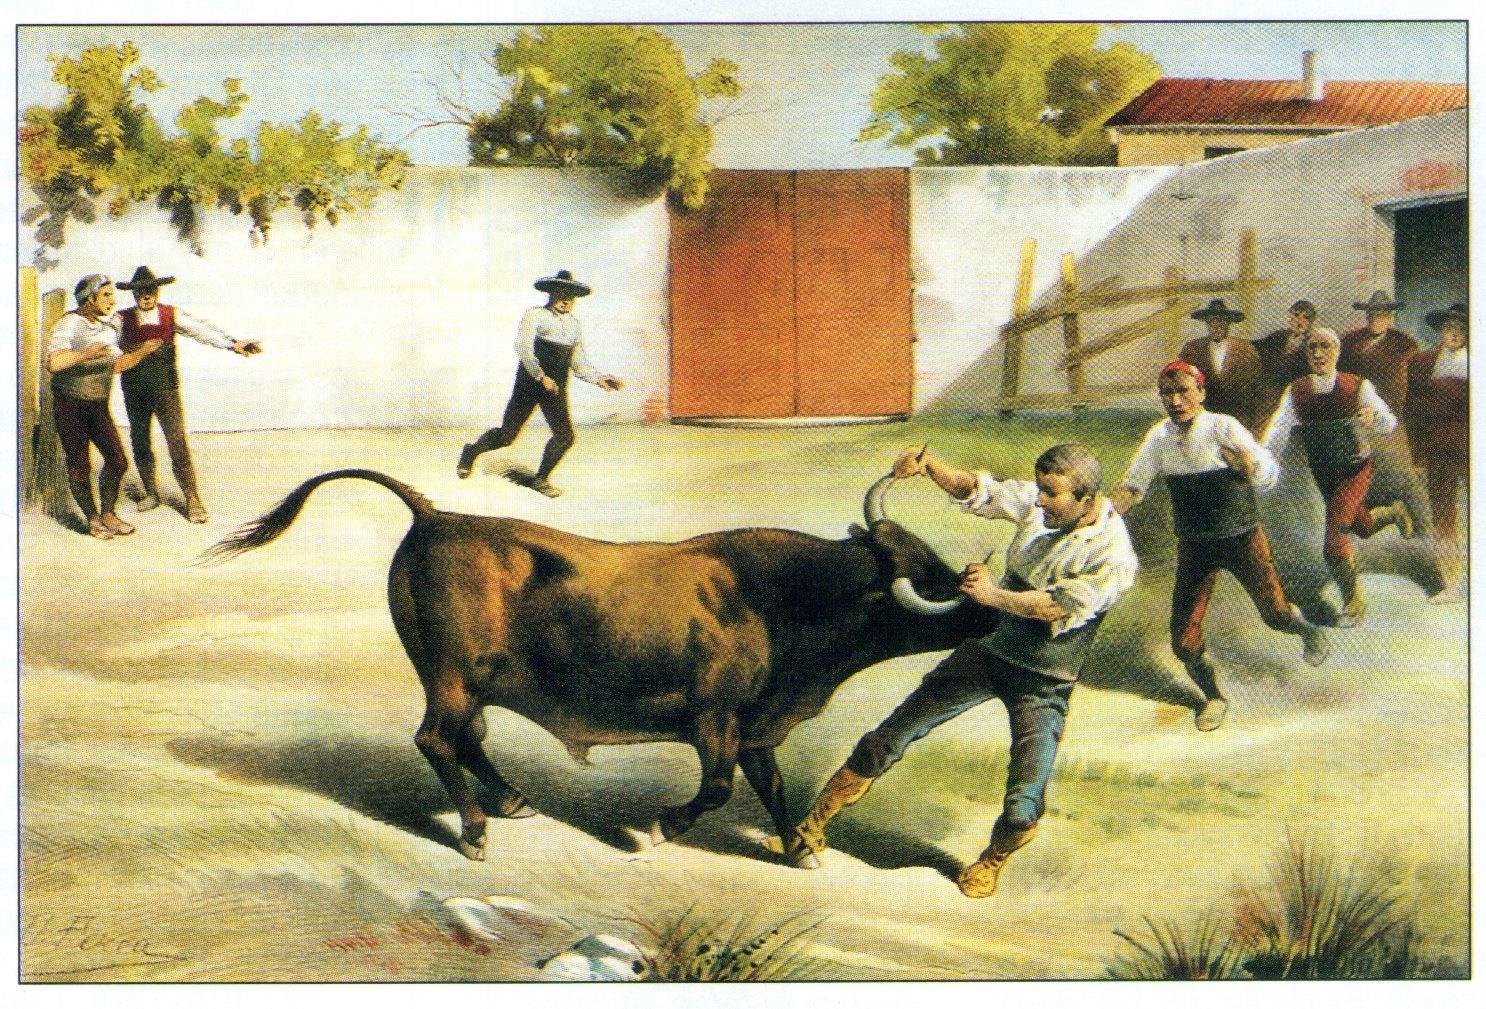 Mancornando al toro